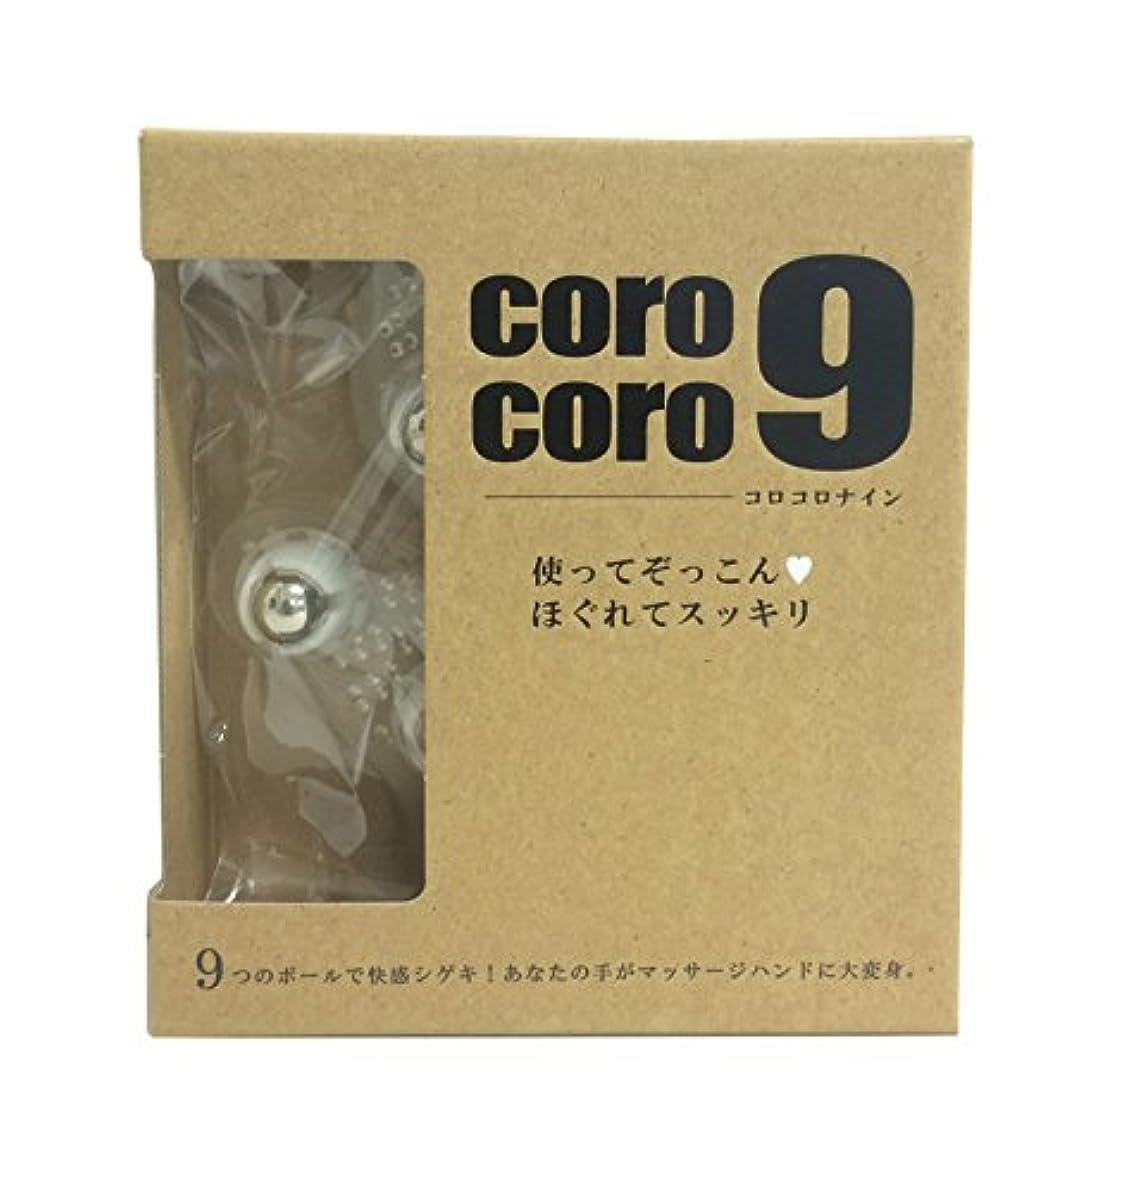 家具めったにボットReシリーズ CoroCoro9 クリア